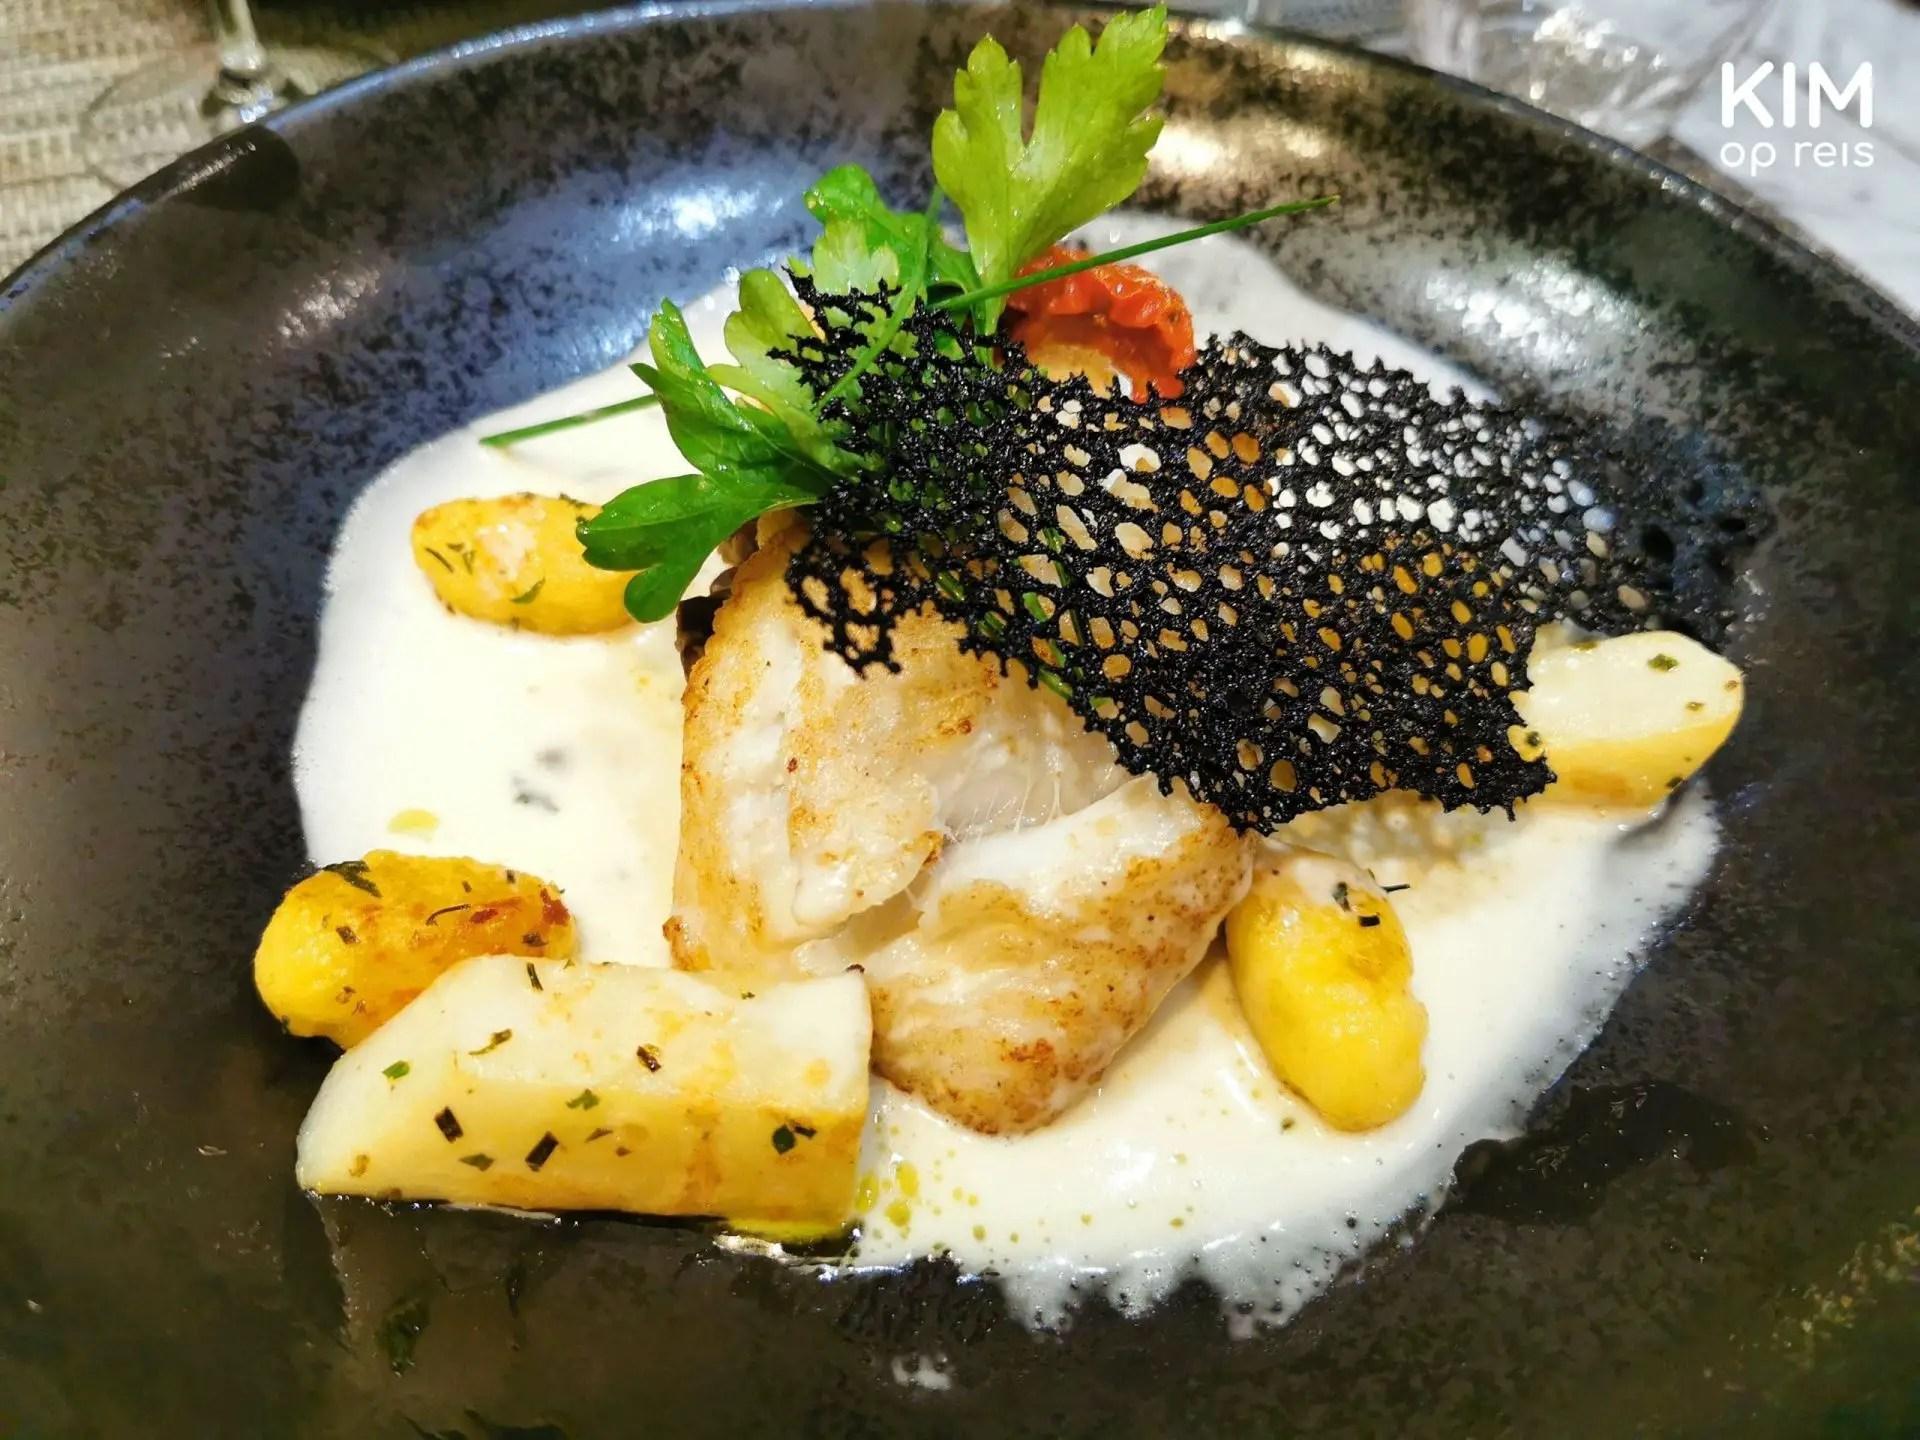 Restaurant La Table Kobus Epernay: witvis in een witte saus met aardappeltjes